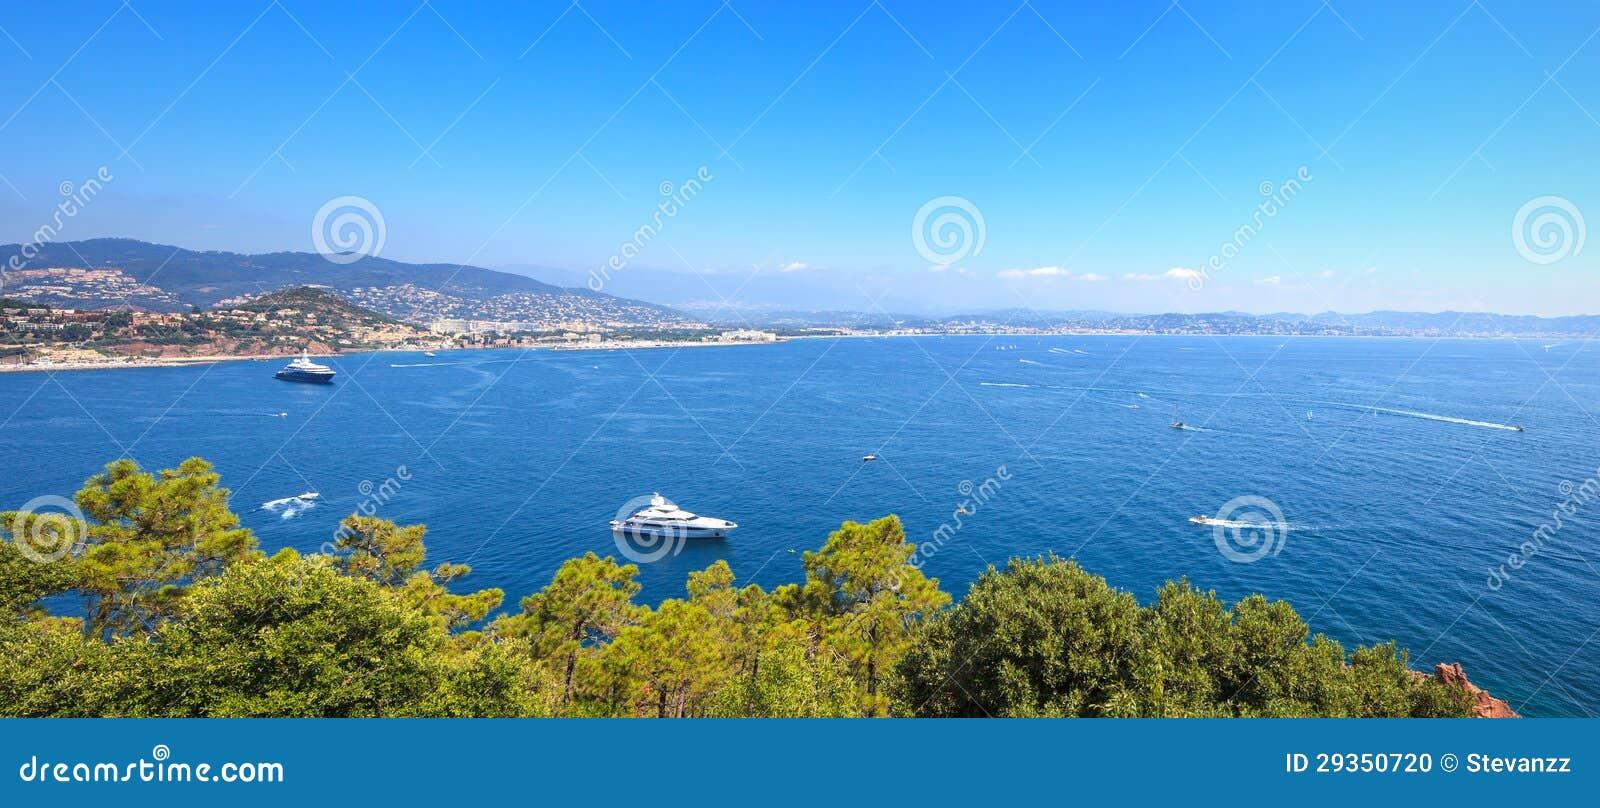 戛纳La Napoule海湾视图。 法国海滨,天蓝色的海岸,普罗旺斯